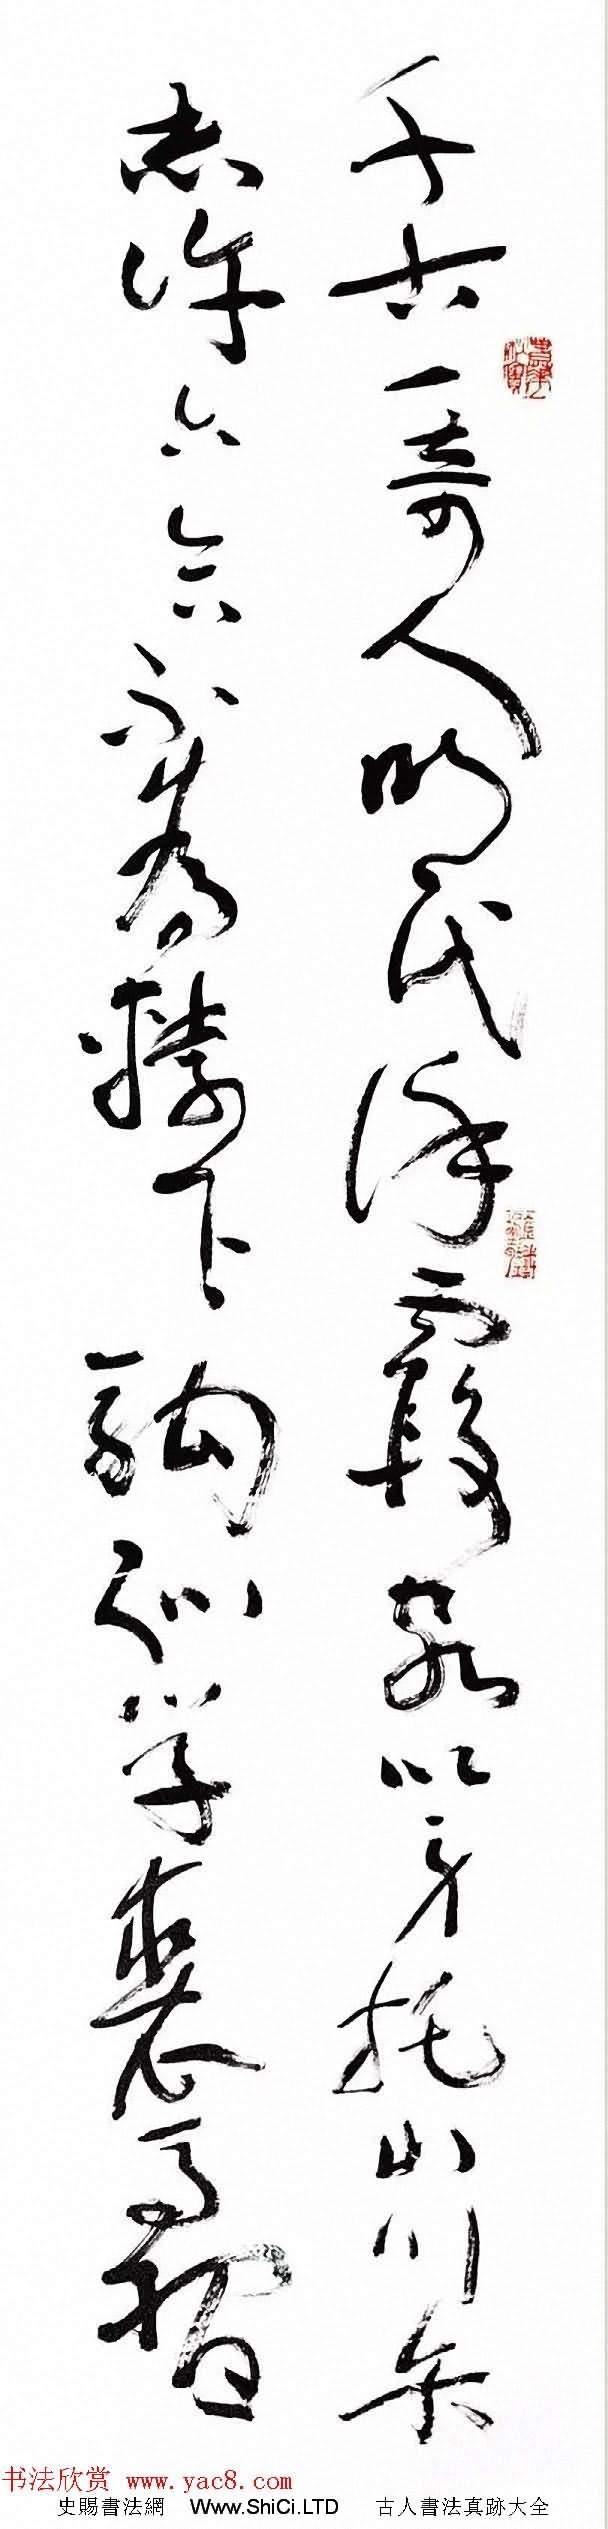 沈鵬草書條屏《自作古風徐霞客》(共23張圖片)